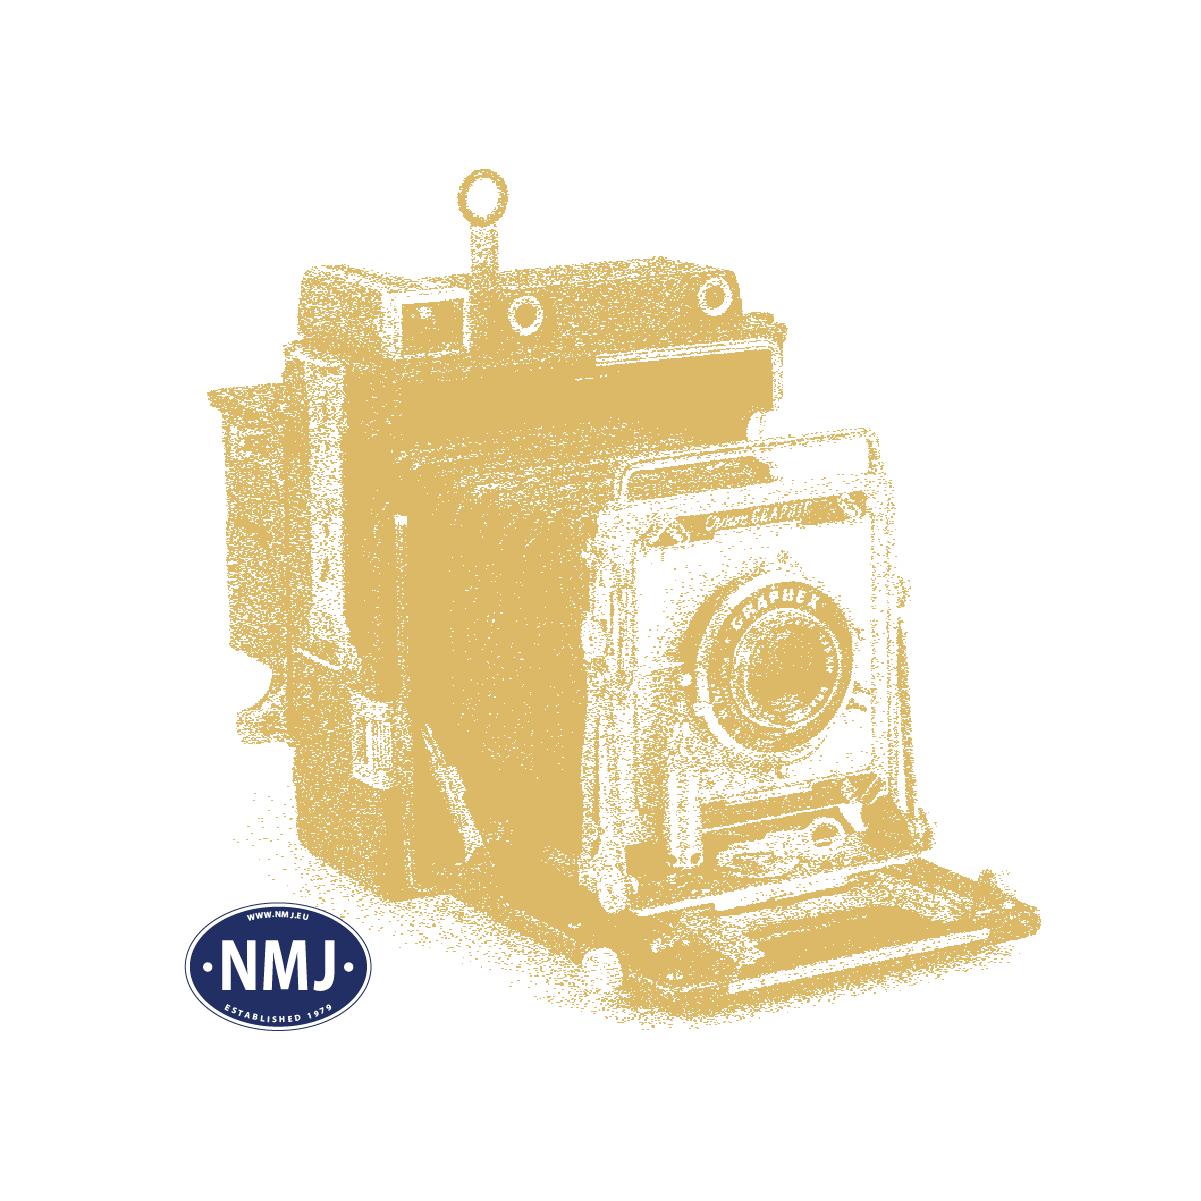 NMJT105.302 - NMJ Topline NSB A2 24005,  Red/Black Livery